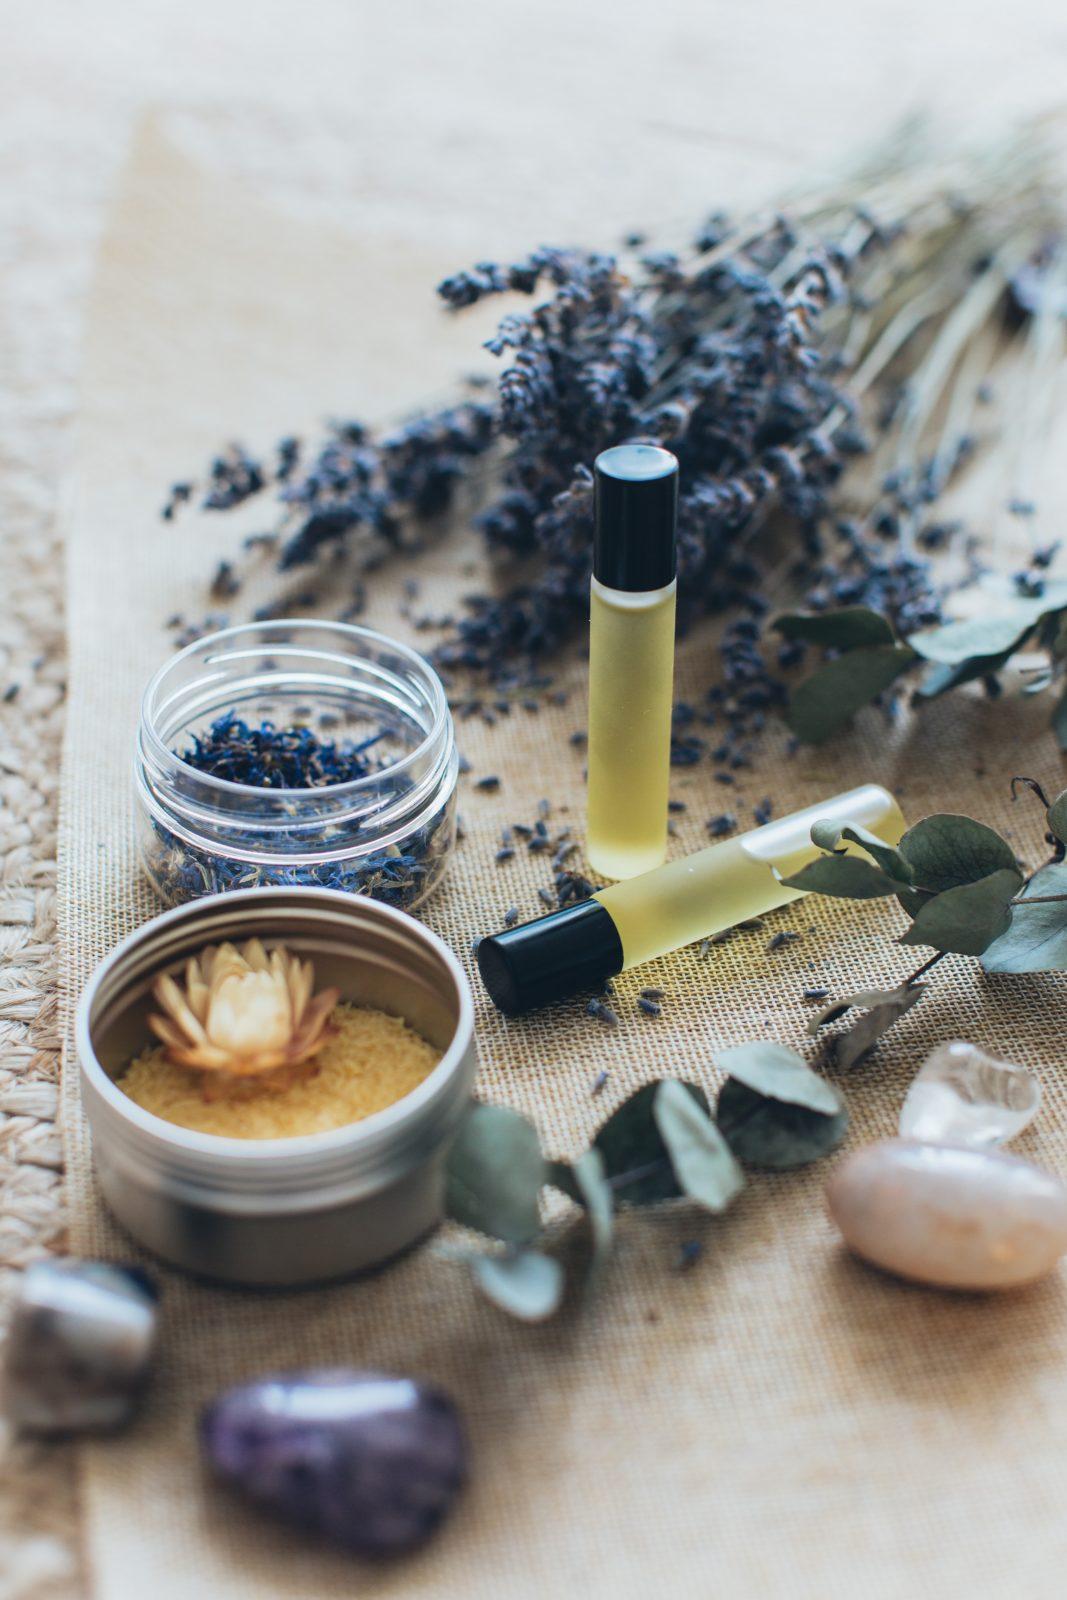 Huiles essentielles et plantes séchées pour la réalisation d'infusions. Pour les règles douloureuses, il est une bonne astuce, un excellent remède naturel.